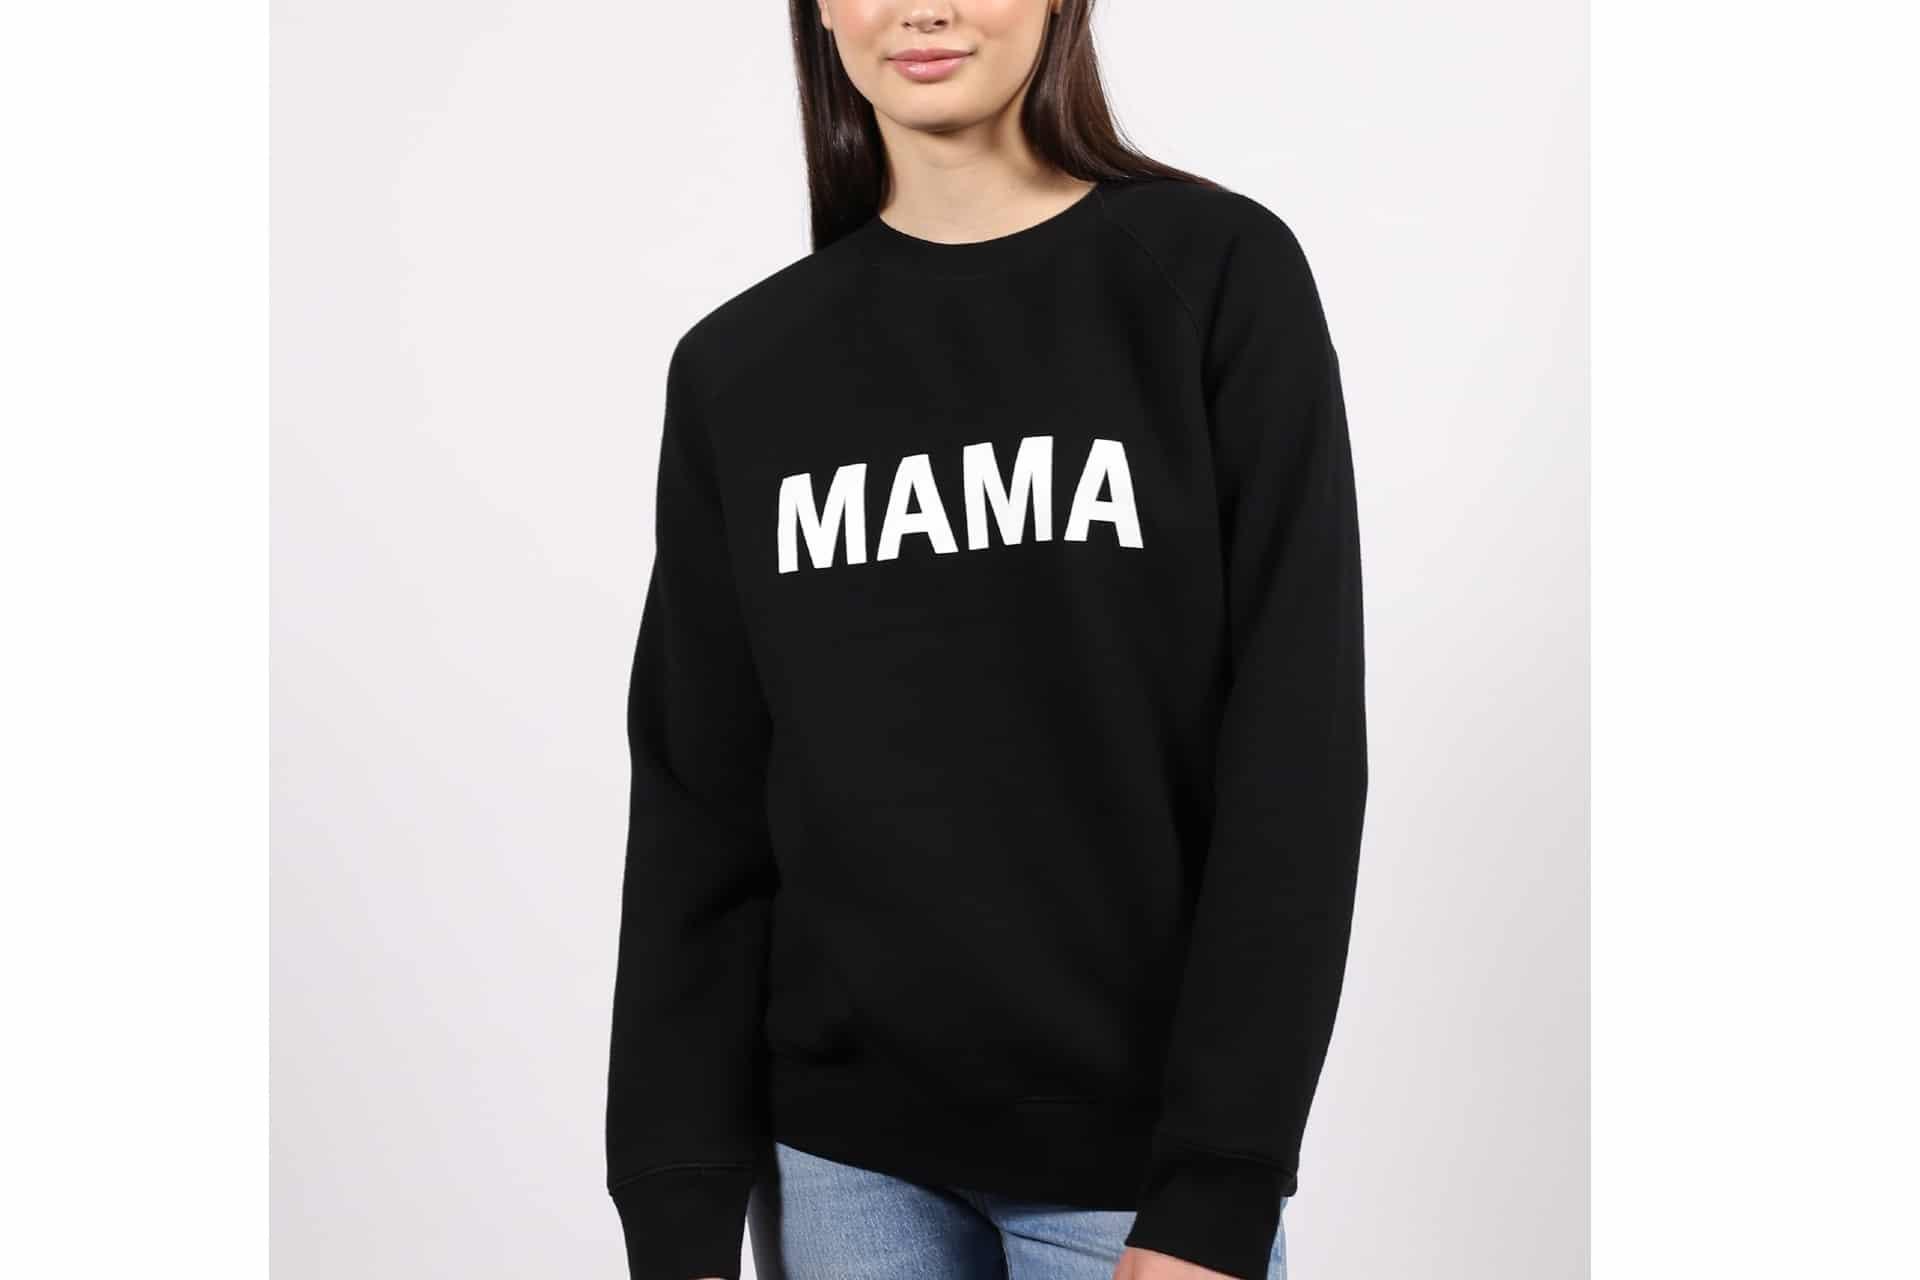 black sweatshirt that says 'Mama'